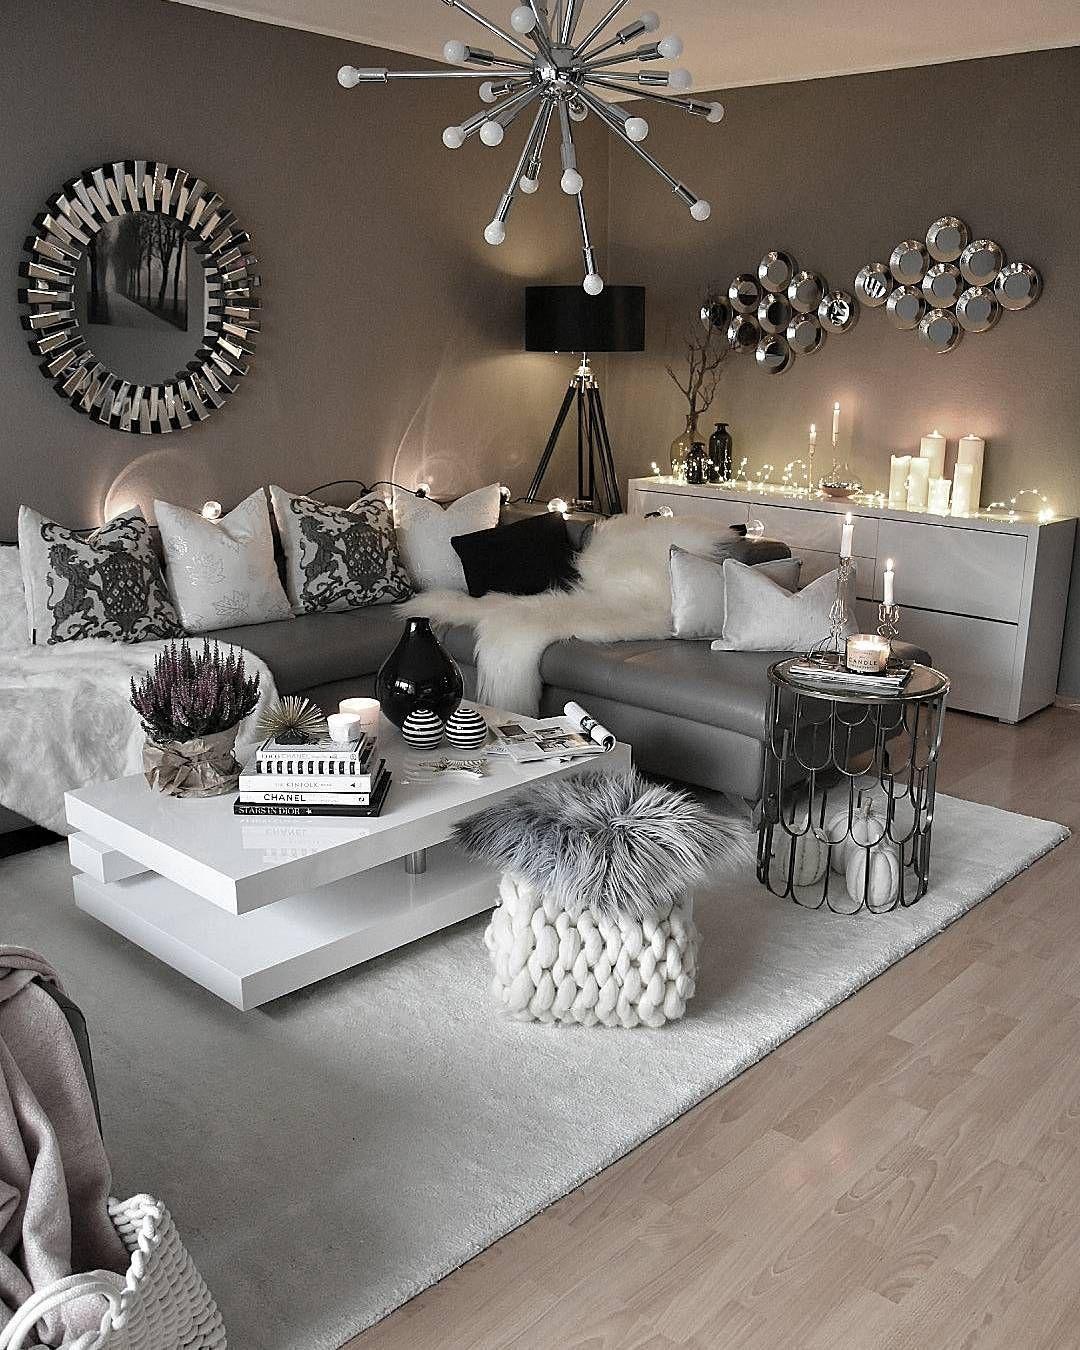 Wohnzimmer Skandinavisches Design: Pin Von Meggie Schell Auf Wohnzimmer/Kinderzimmer In 2019